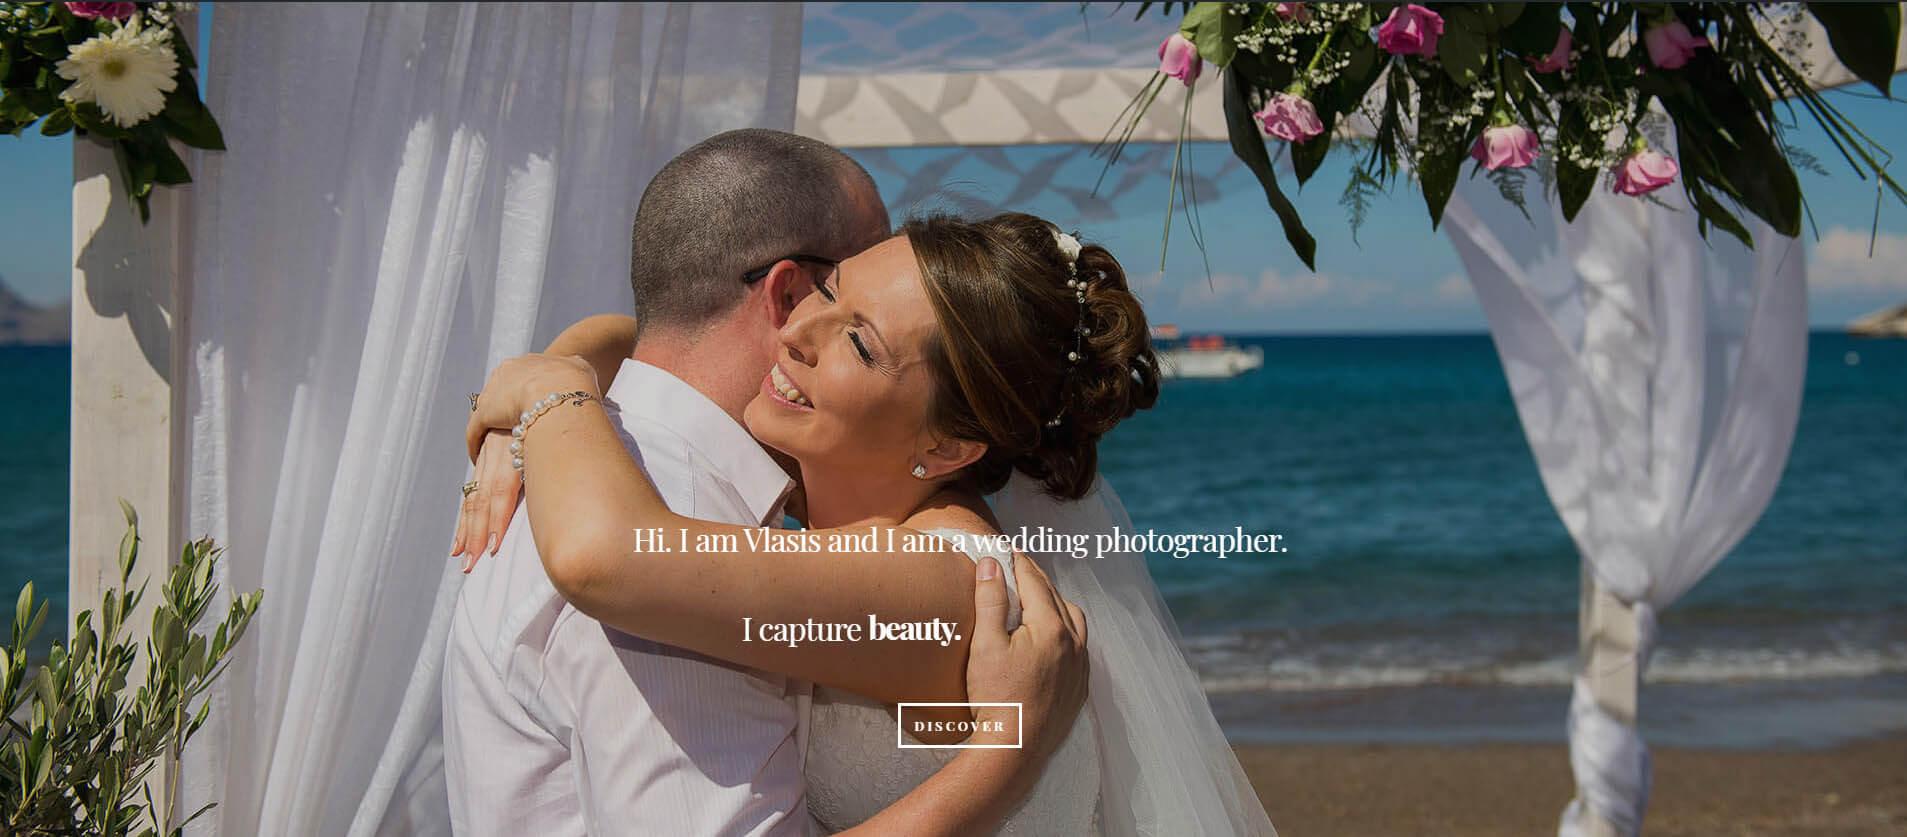 Επαγγελματική σελίδα Φωτογράφου στη Ρόδο